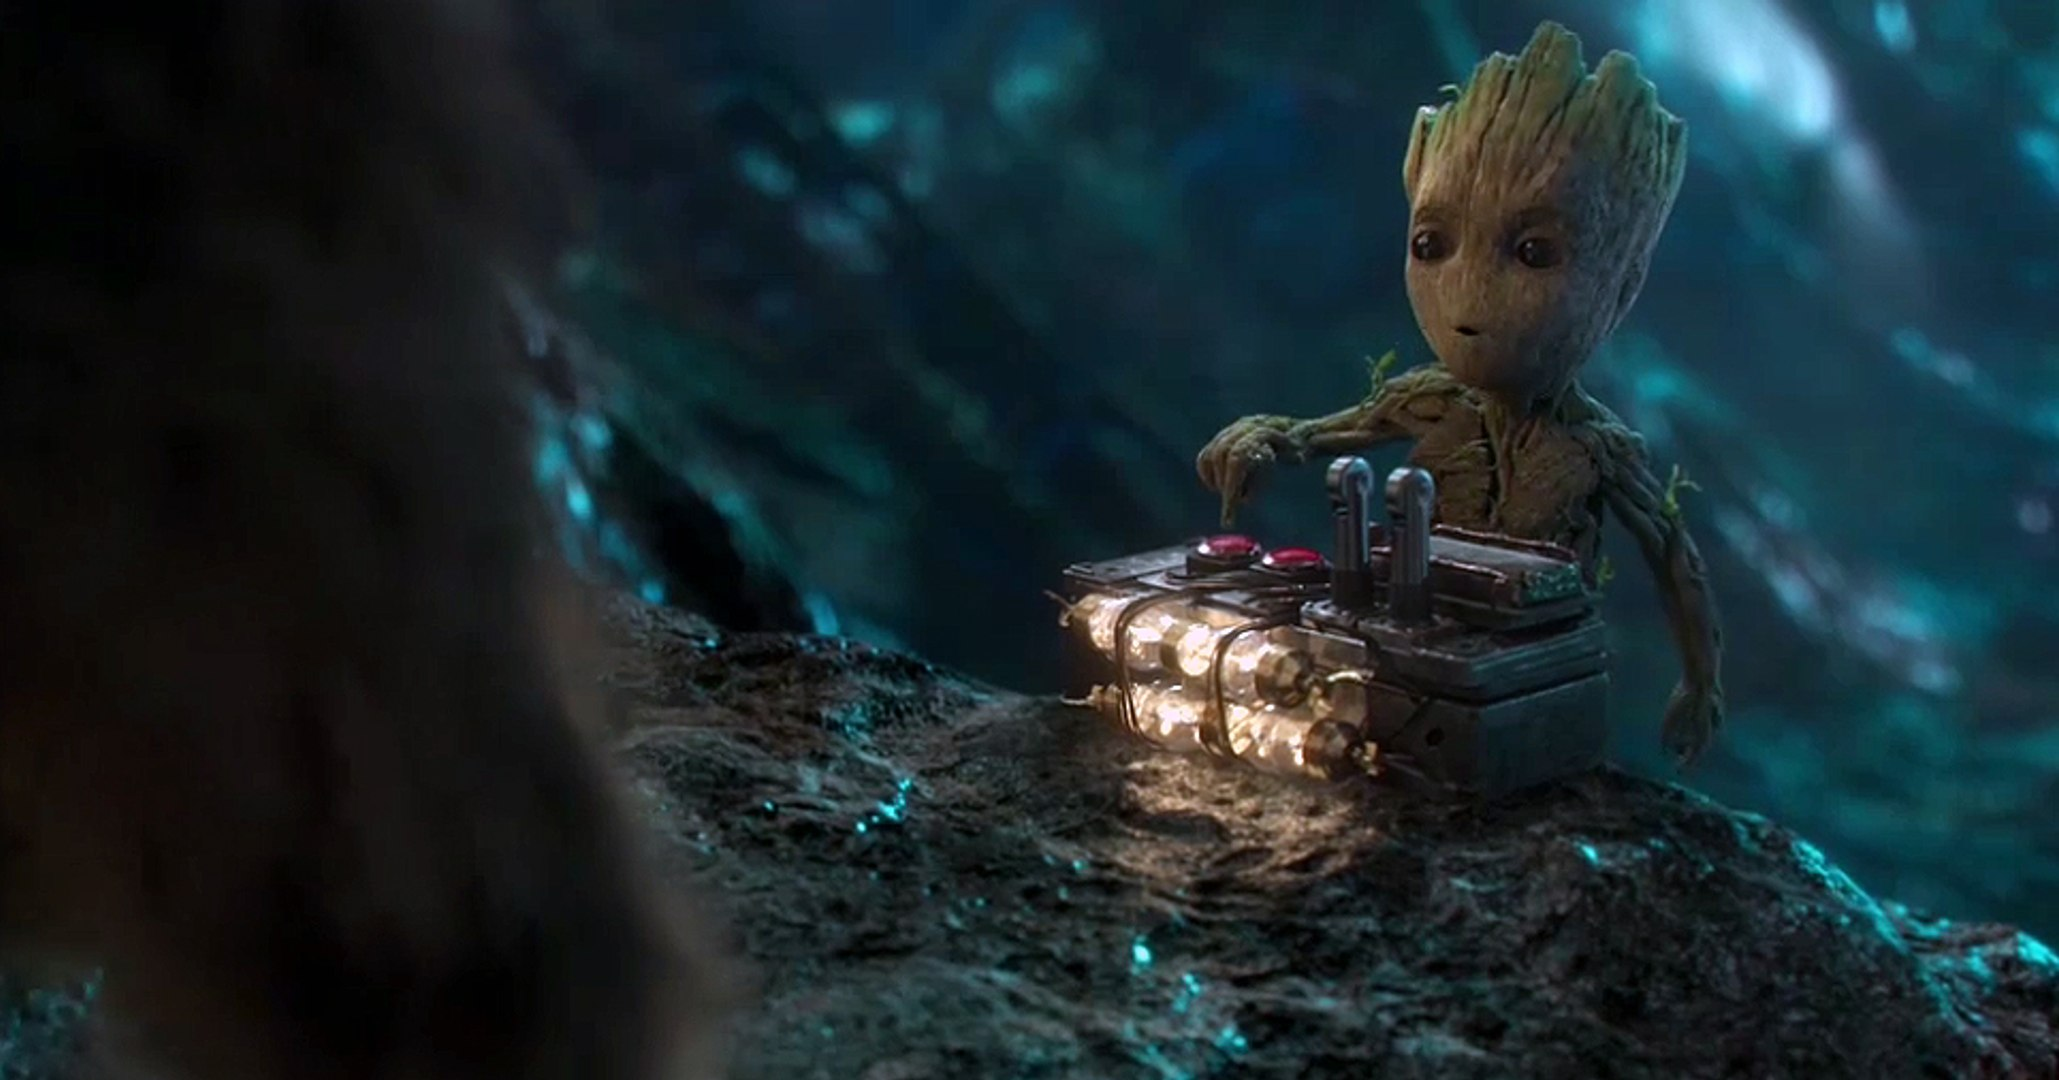 Guardianes de la galaxia 2 - Clip en español exclusivo con Rocket y Baby Groot